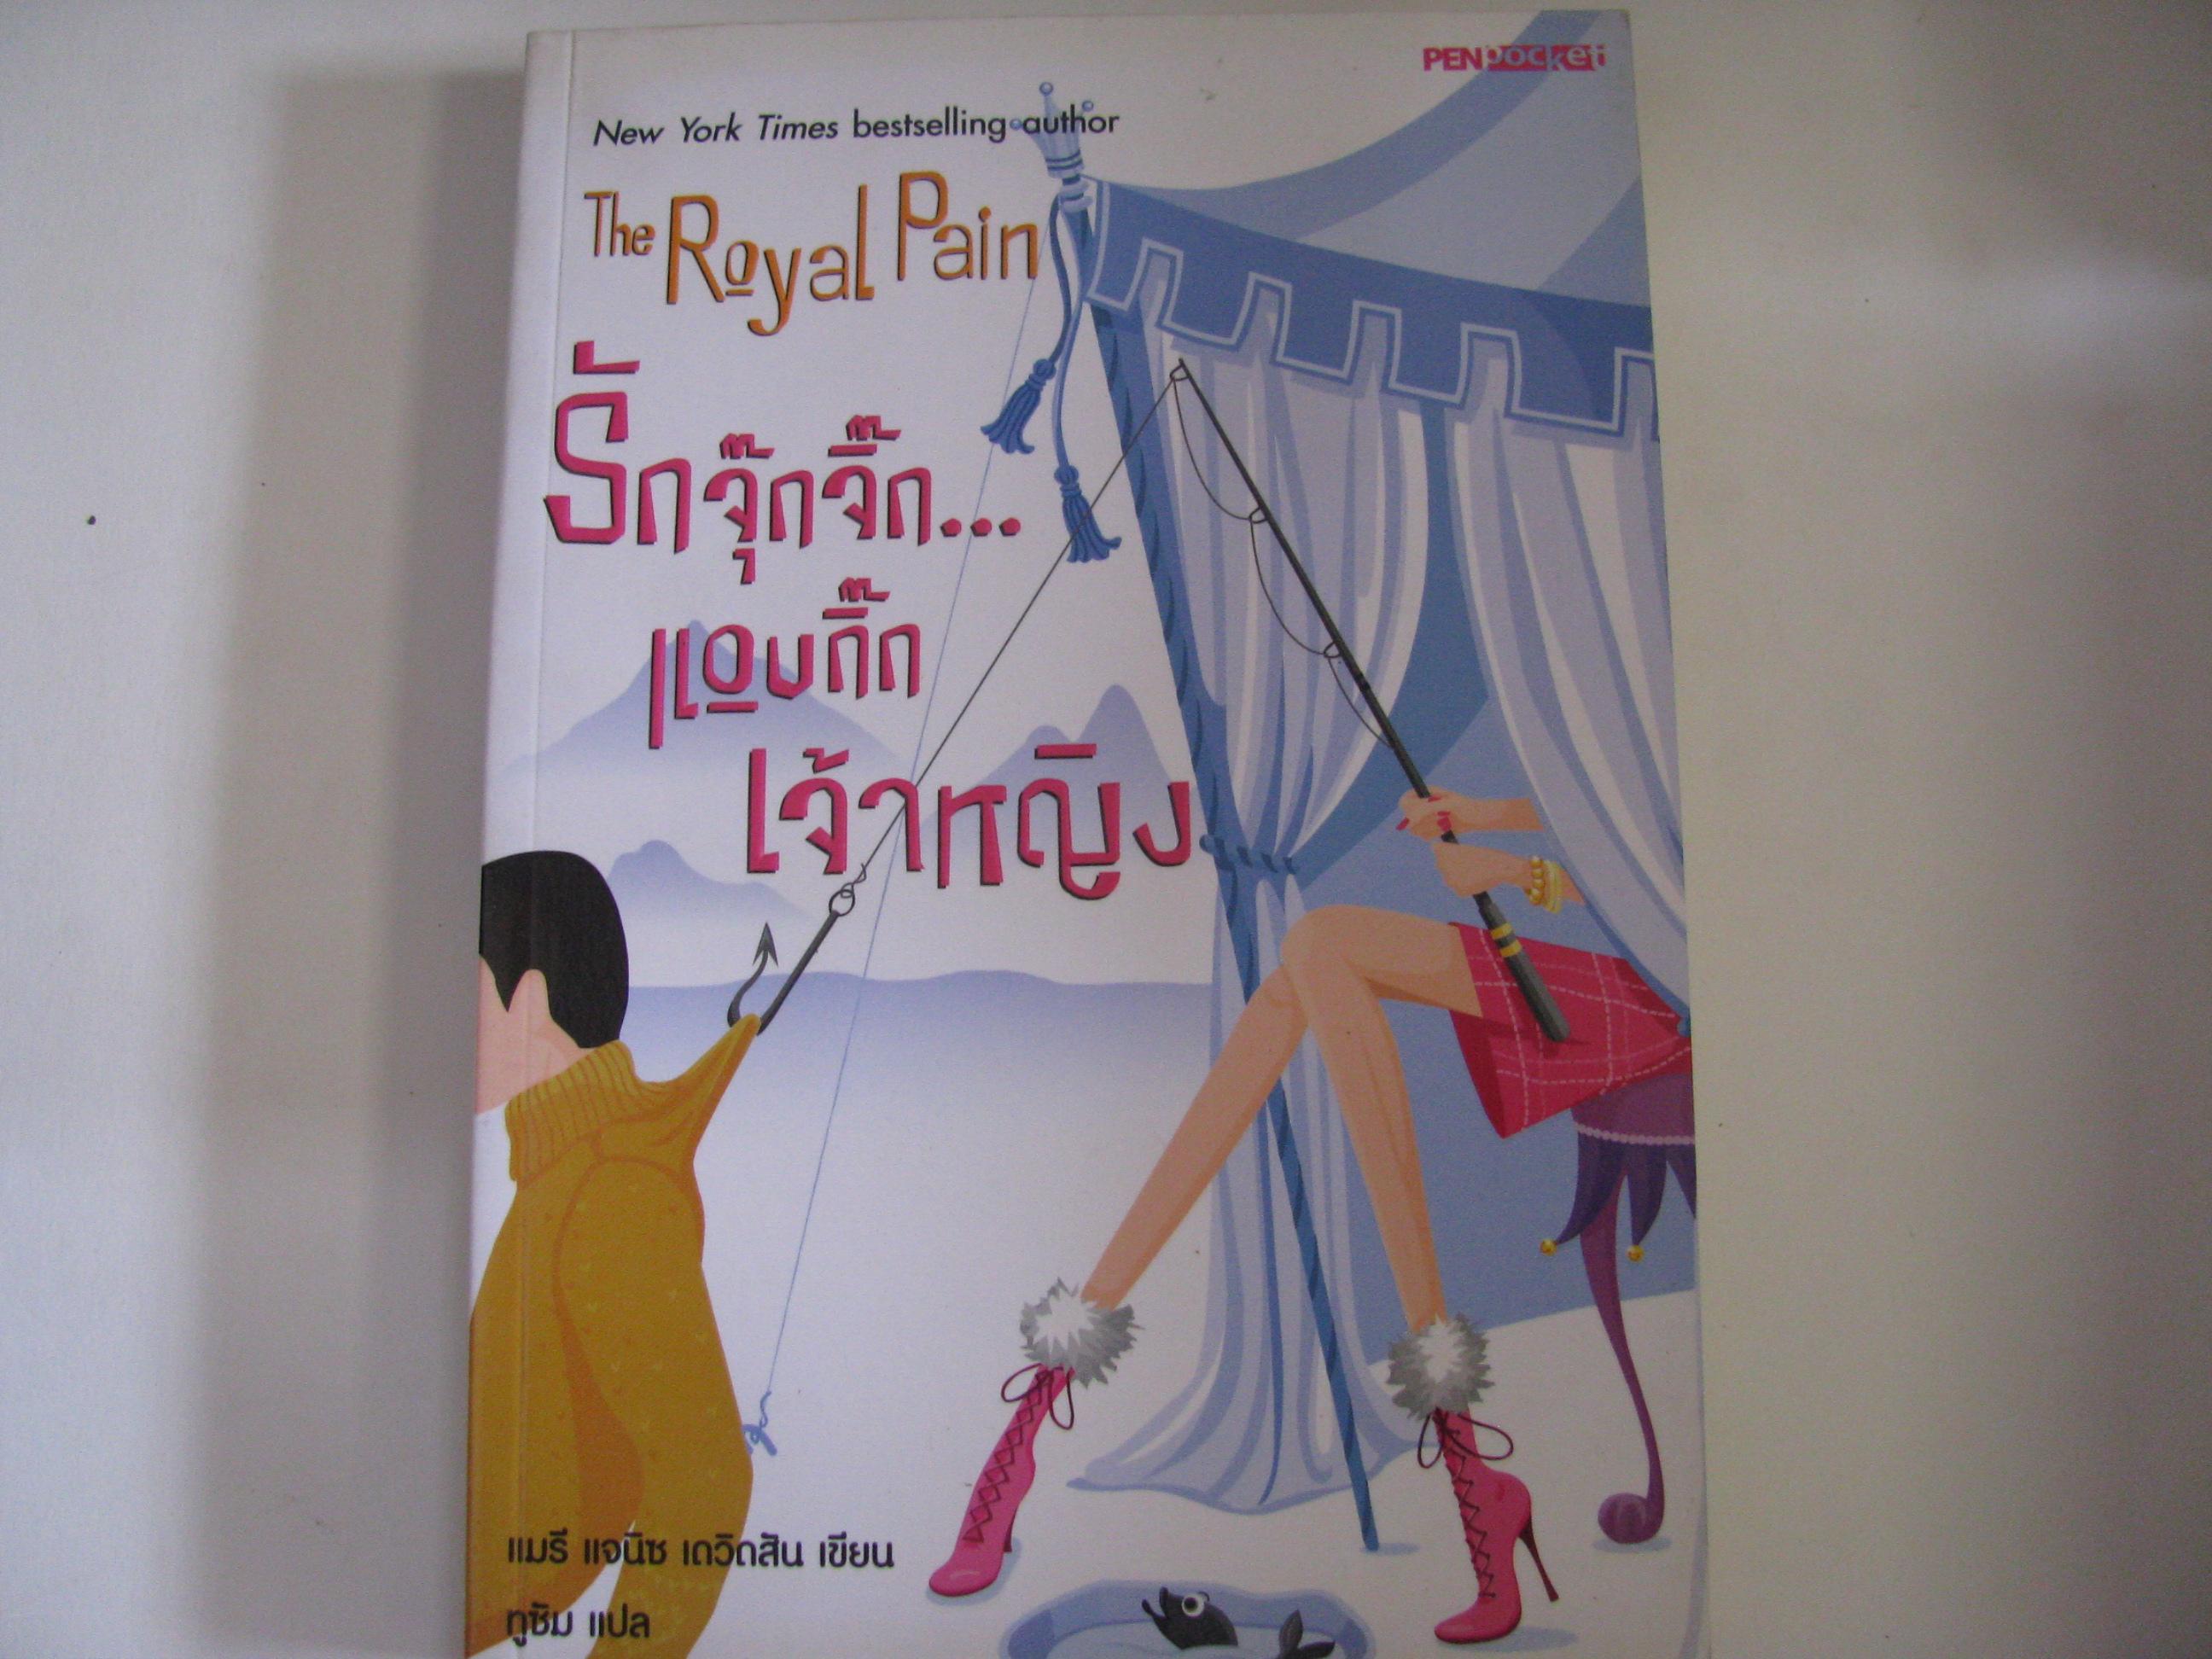 รักจุ๊กจิ๊ก...แอบกิ๊กเจ้าหญิง (The Royal Pain) แมรี แจนิซ เดวิดสัน เขียน ทูซิม แปล